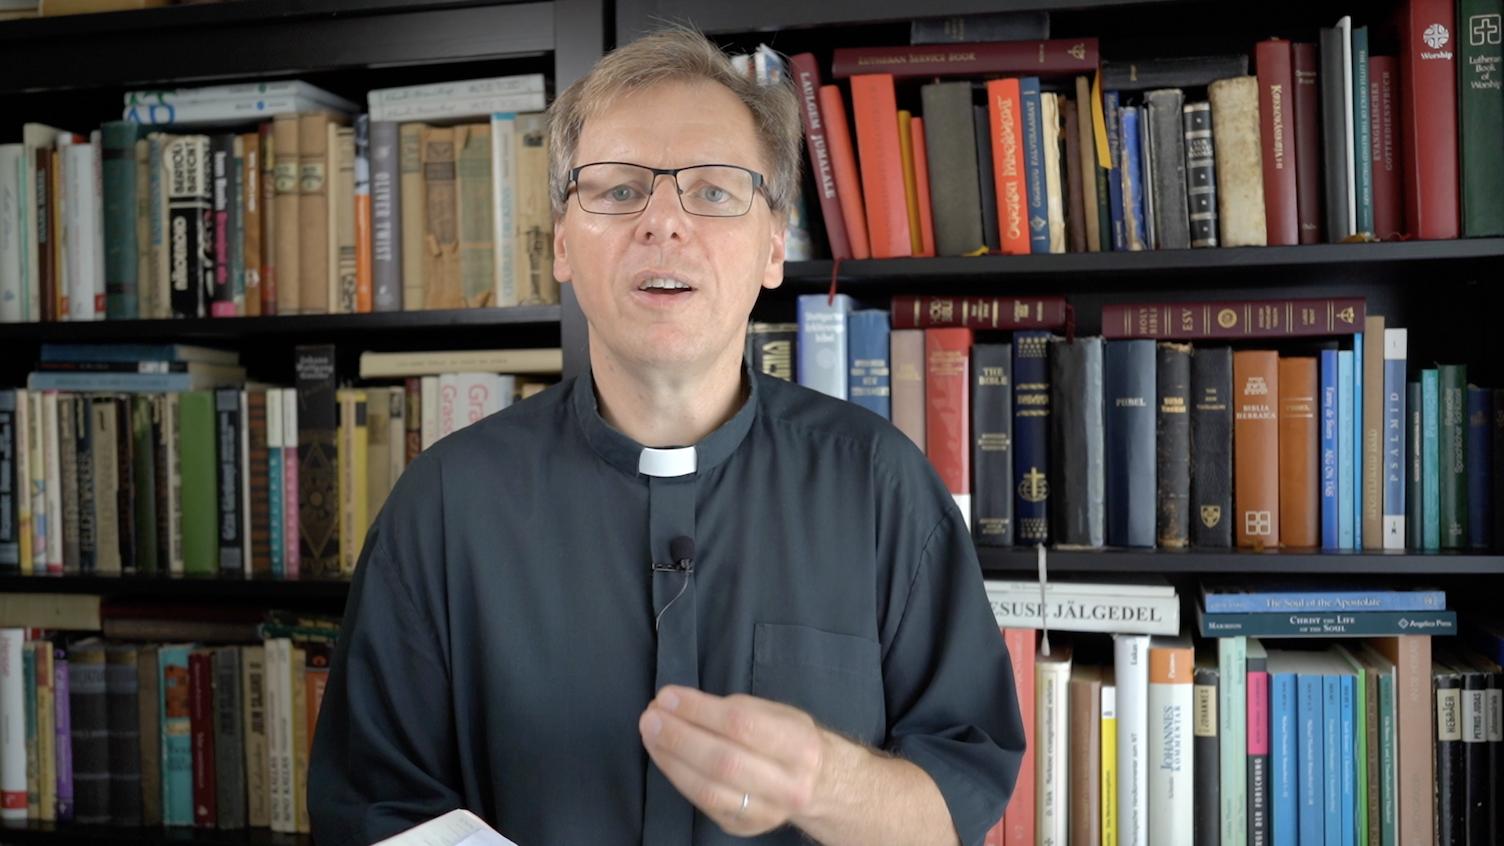 Ülestõusmisaja neljas pühapäev